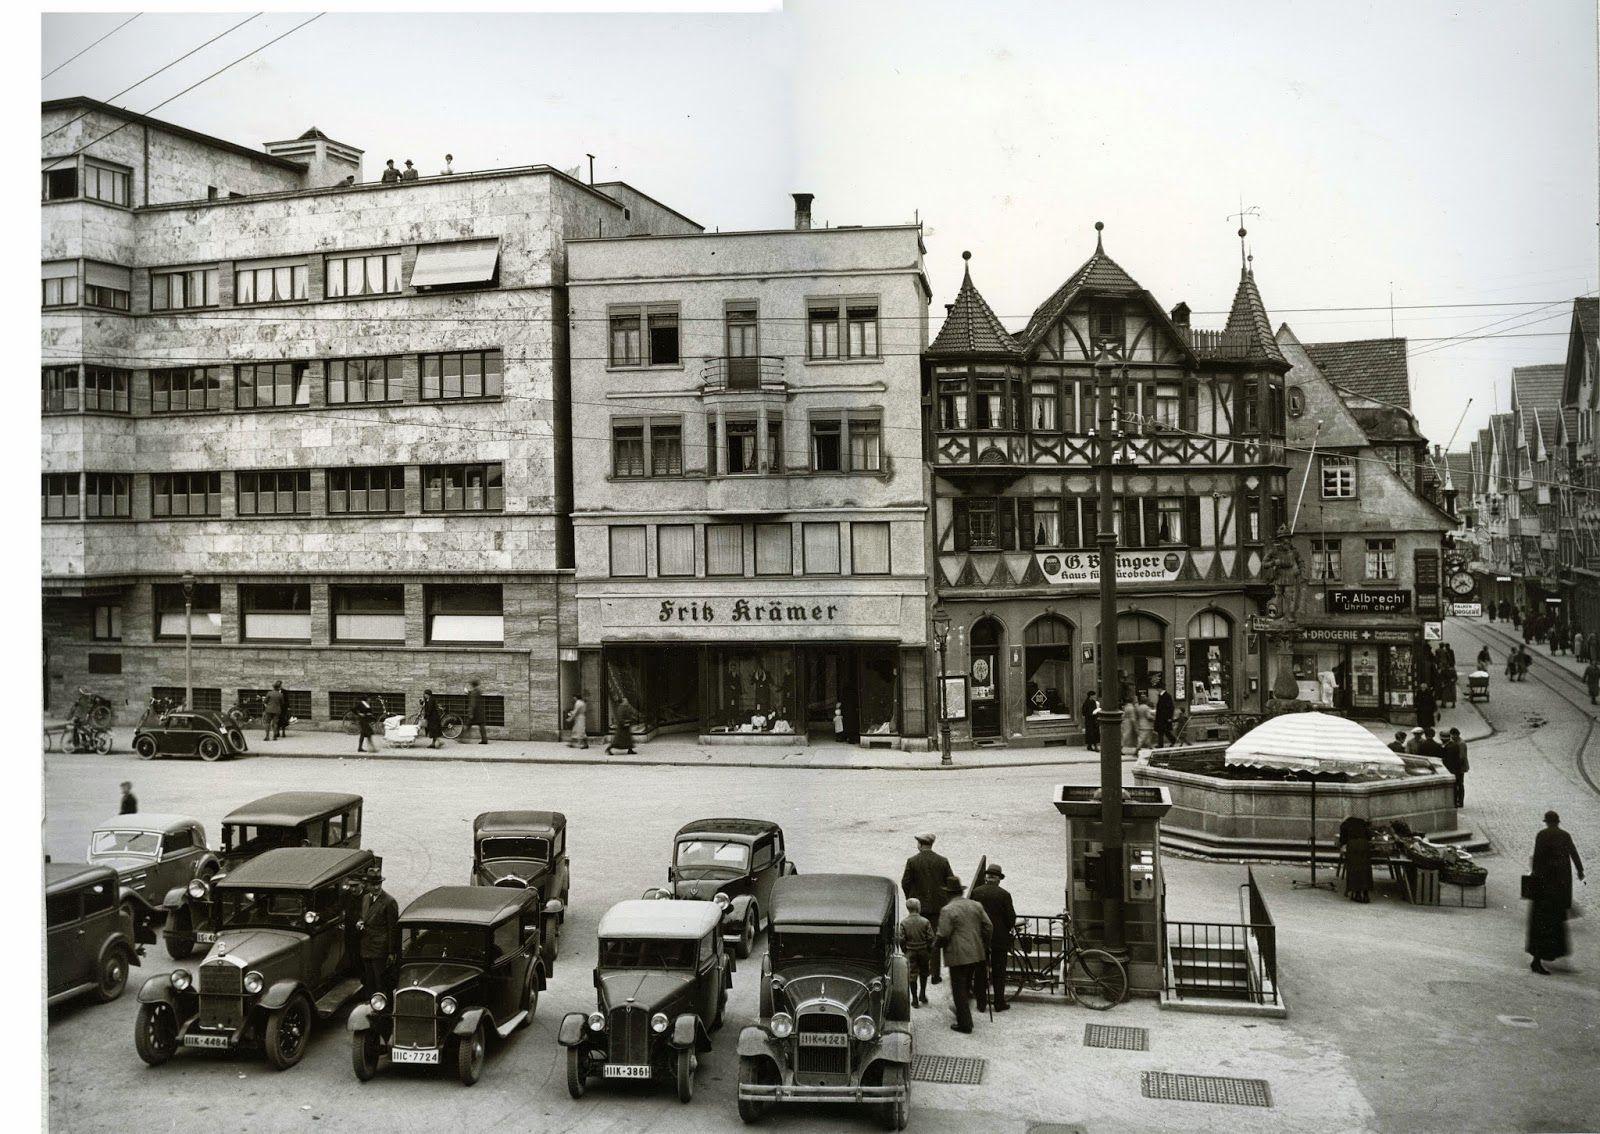 Vor 80 Jahren Parken Auf Dem Marktplatz Mit Bildern Marktplatz Bilder 80er Jahre